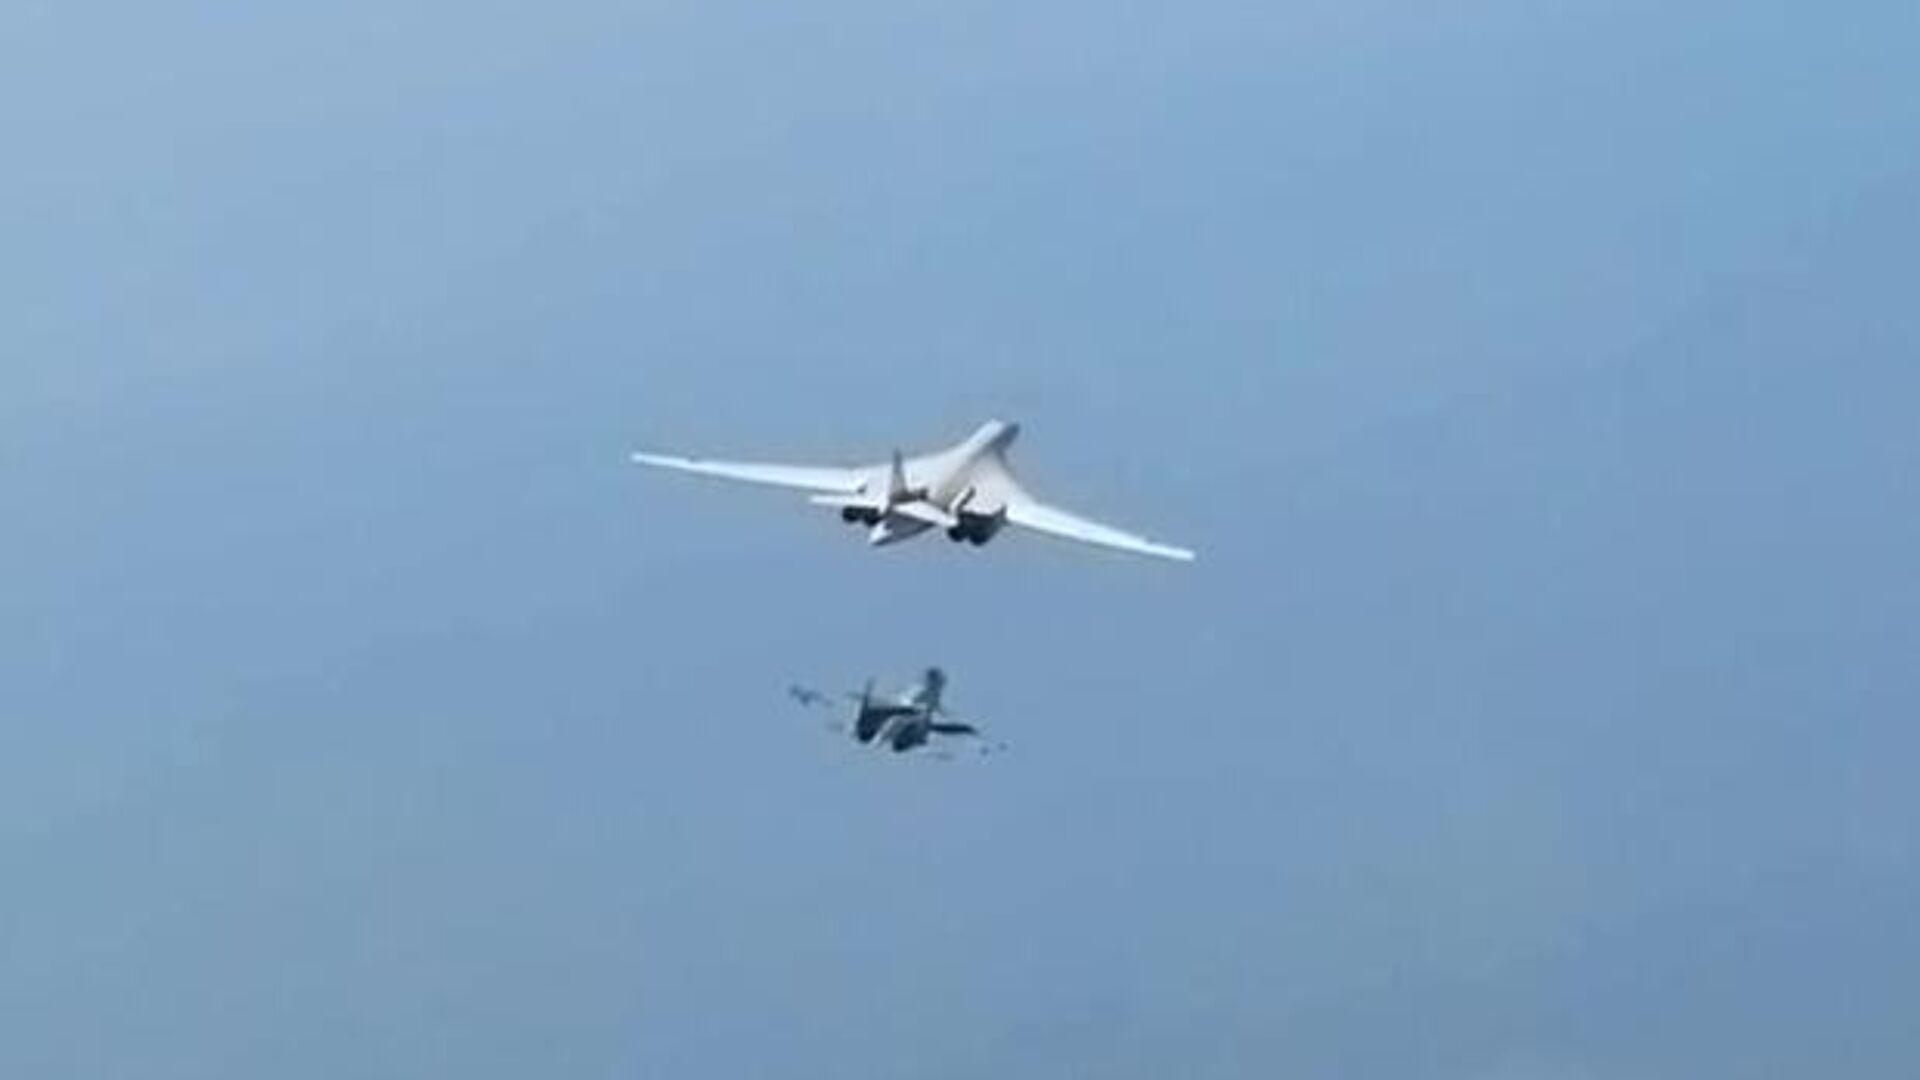 Стратегический ракетоносец Ту-160 выполняет плановый полет над нейтральными водами Балтийского моря. Стоп-кадр видео - РИА Новости, 1920, 22.09.2020